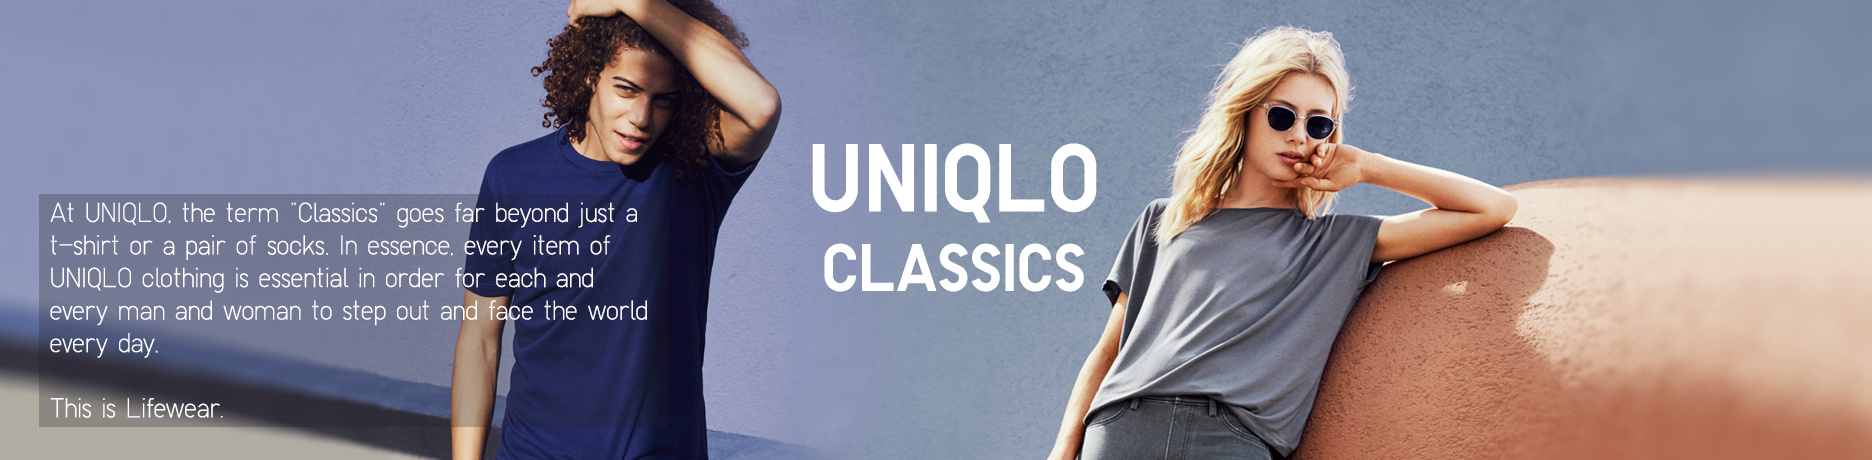 uniqlo-classics